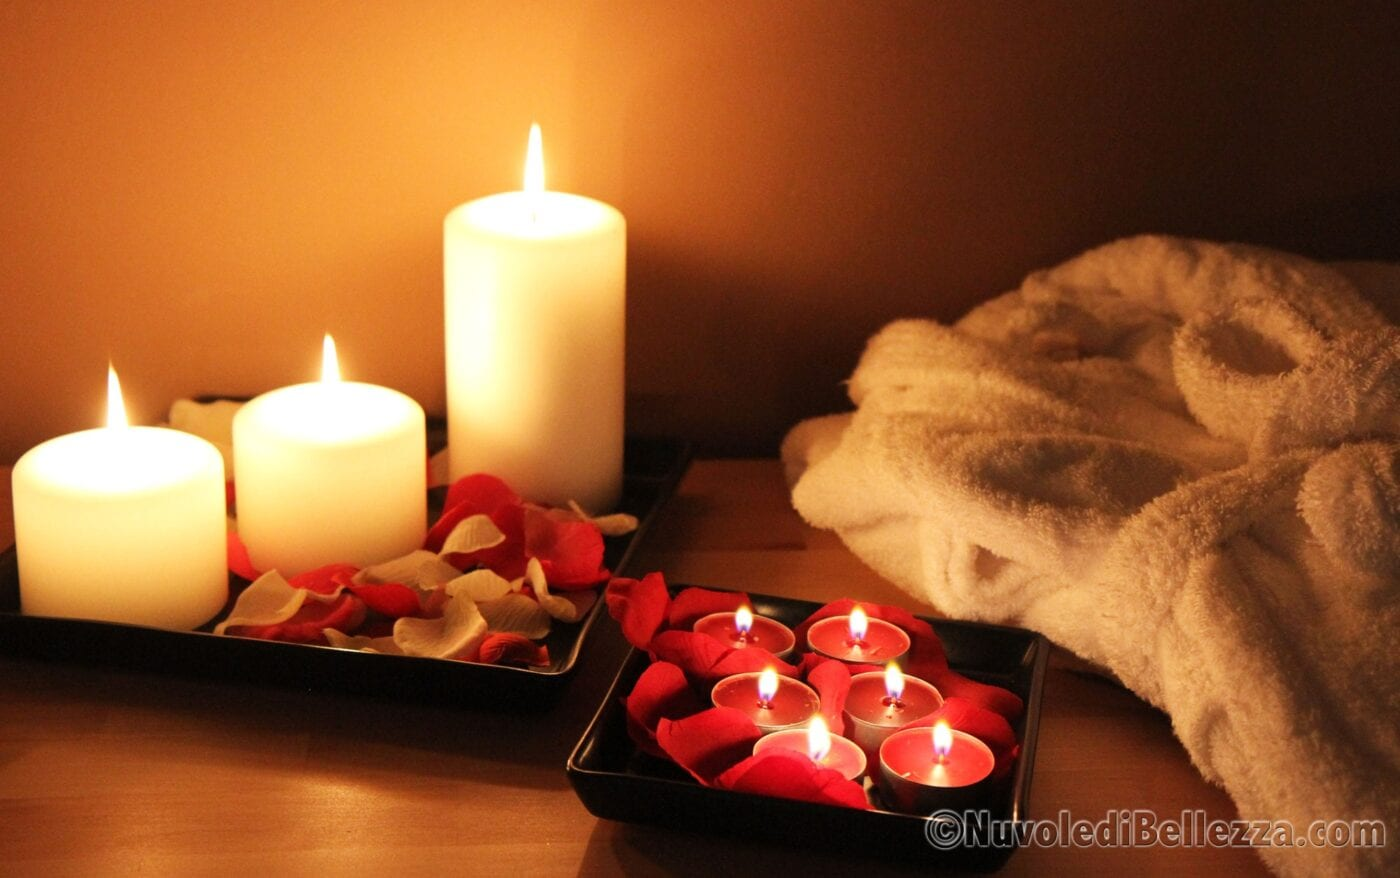 centri di massaggio a milano p0rno hd